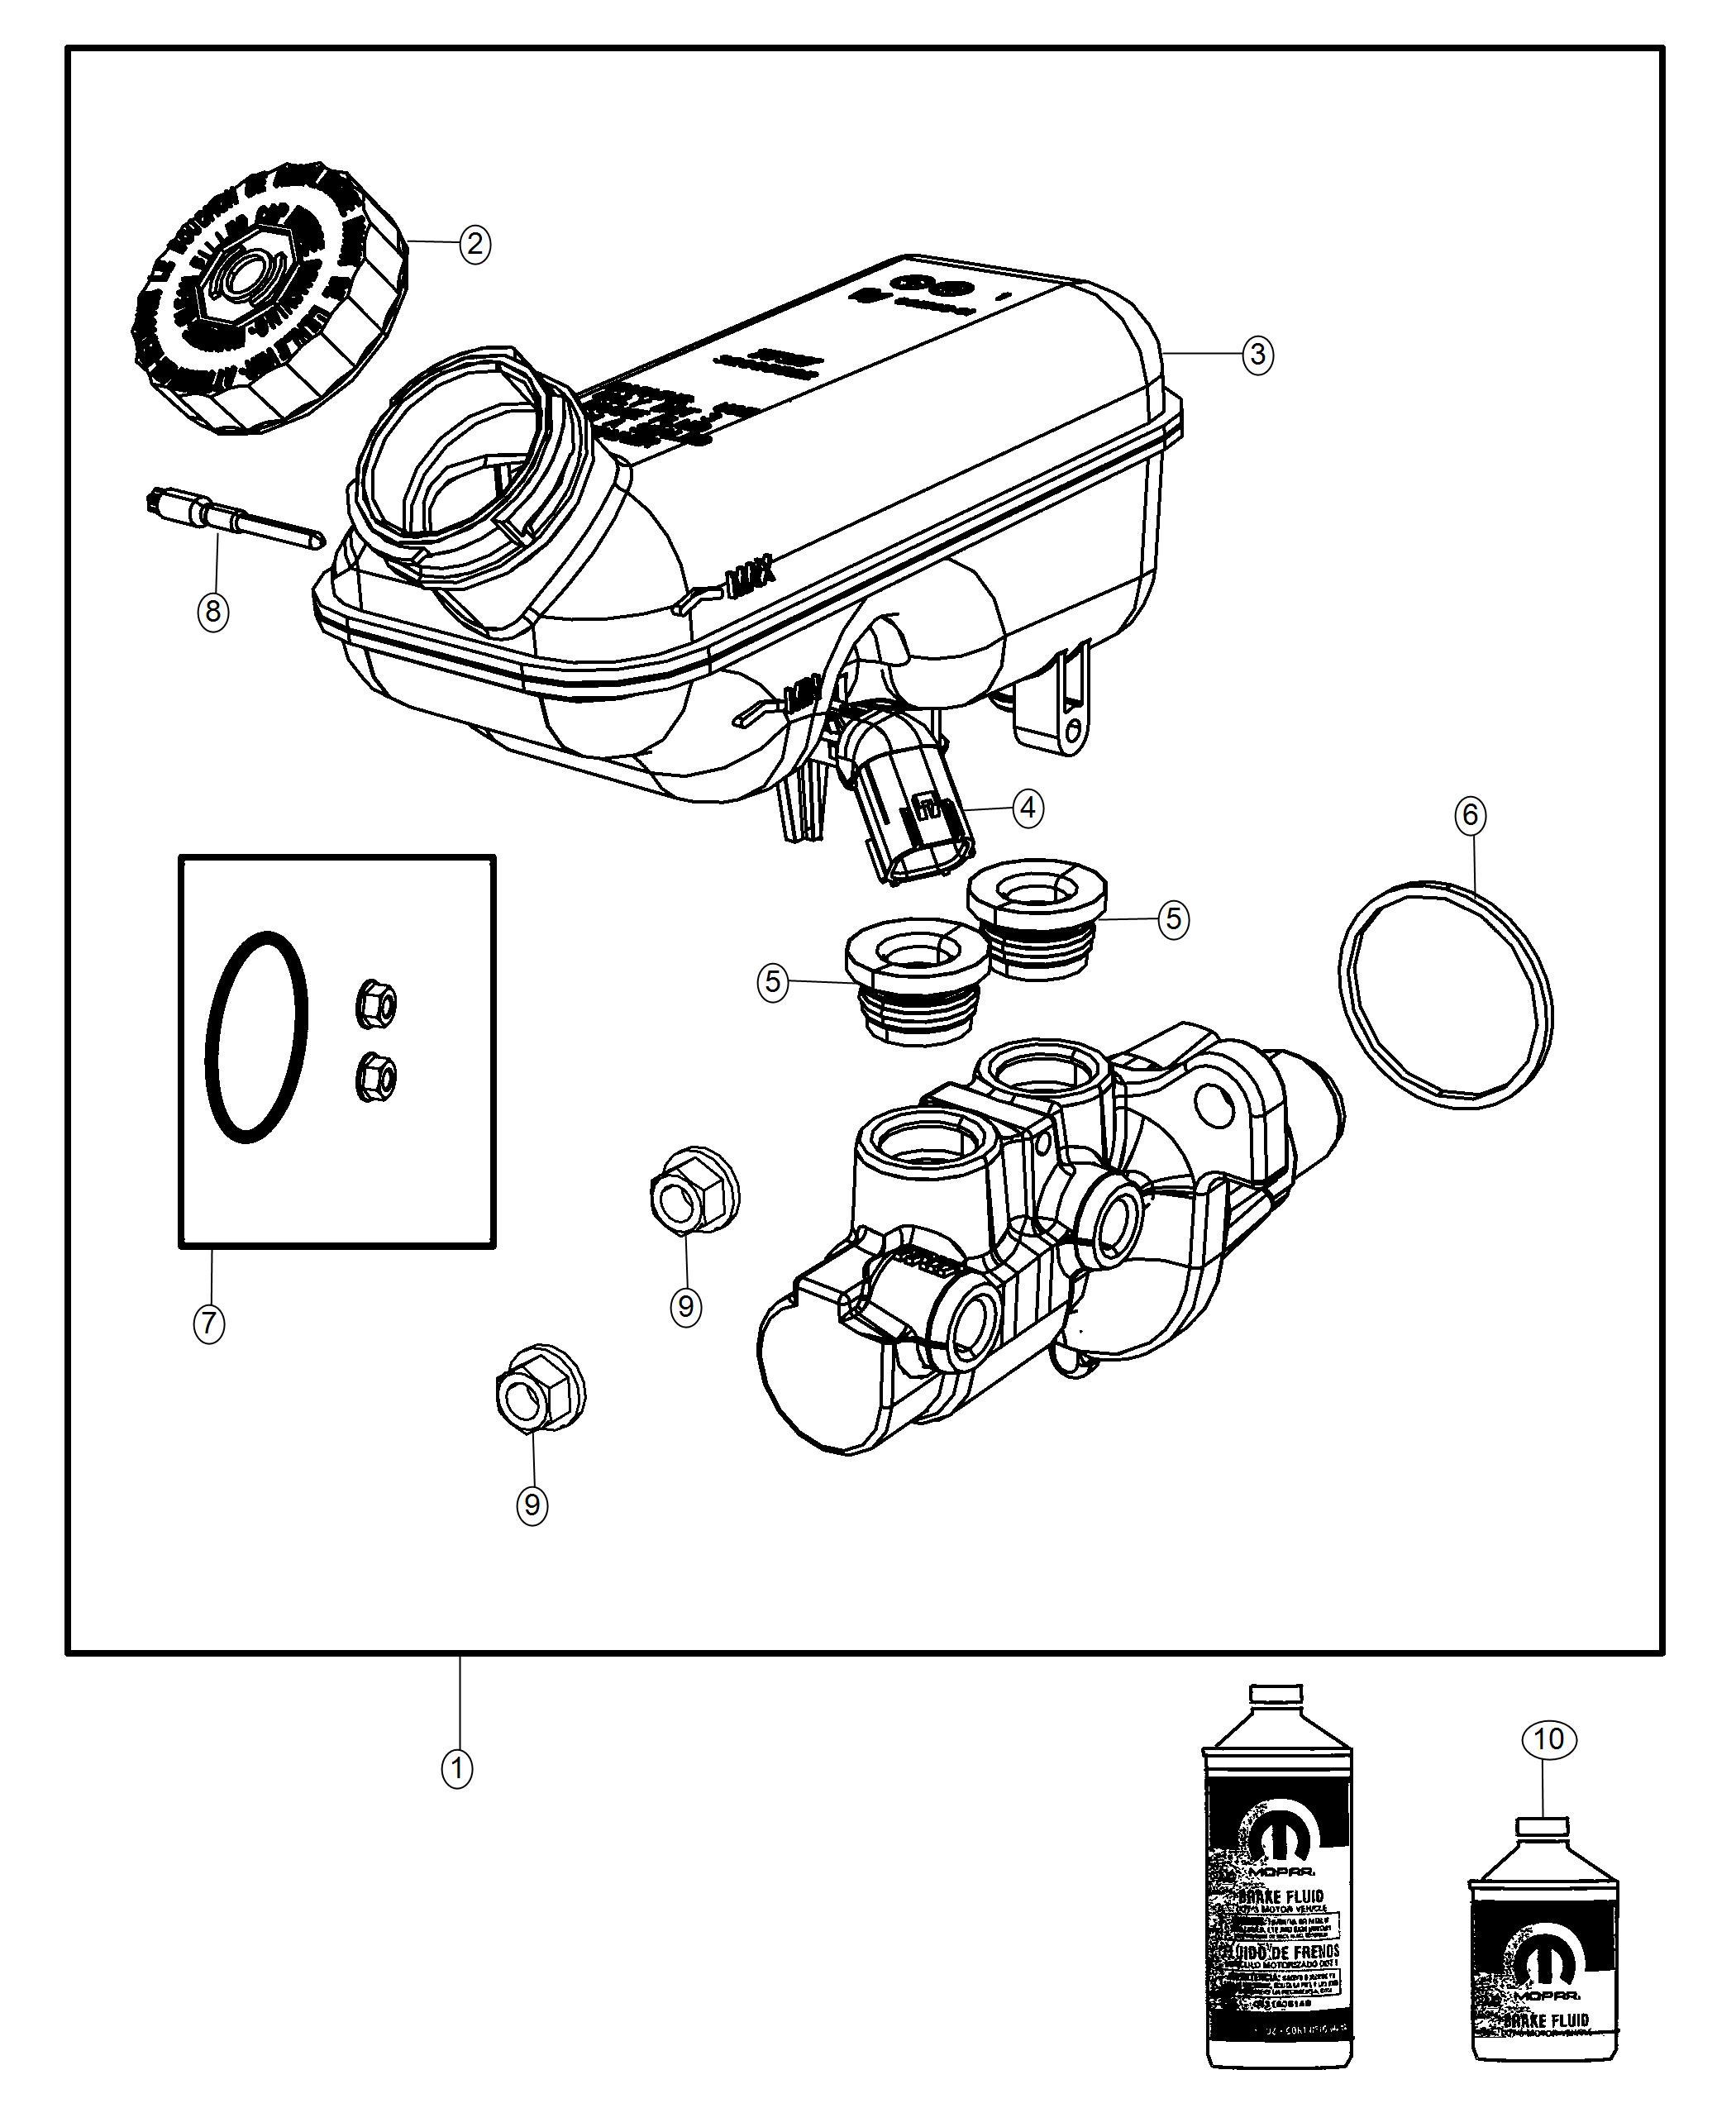 1999 Dodge Grand Caravan Brake Diagram